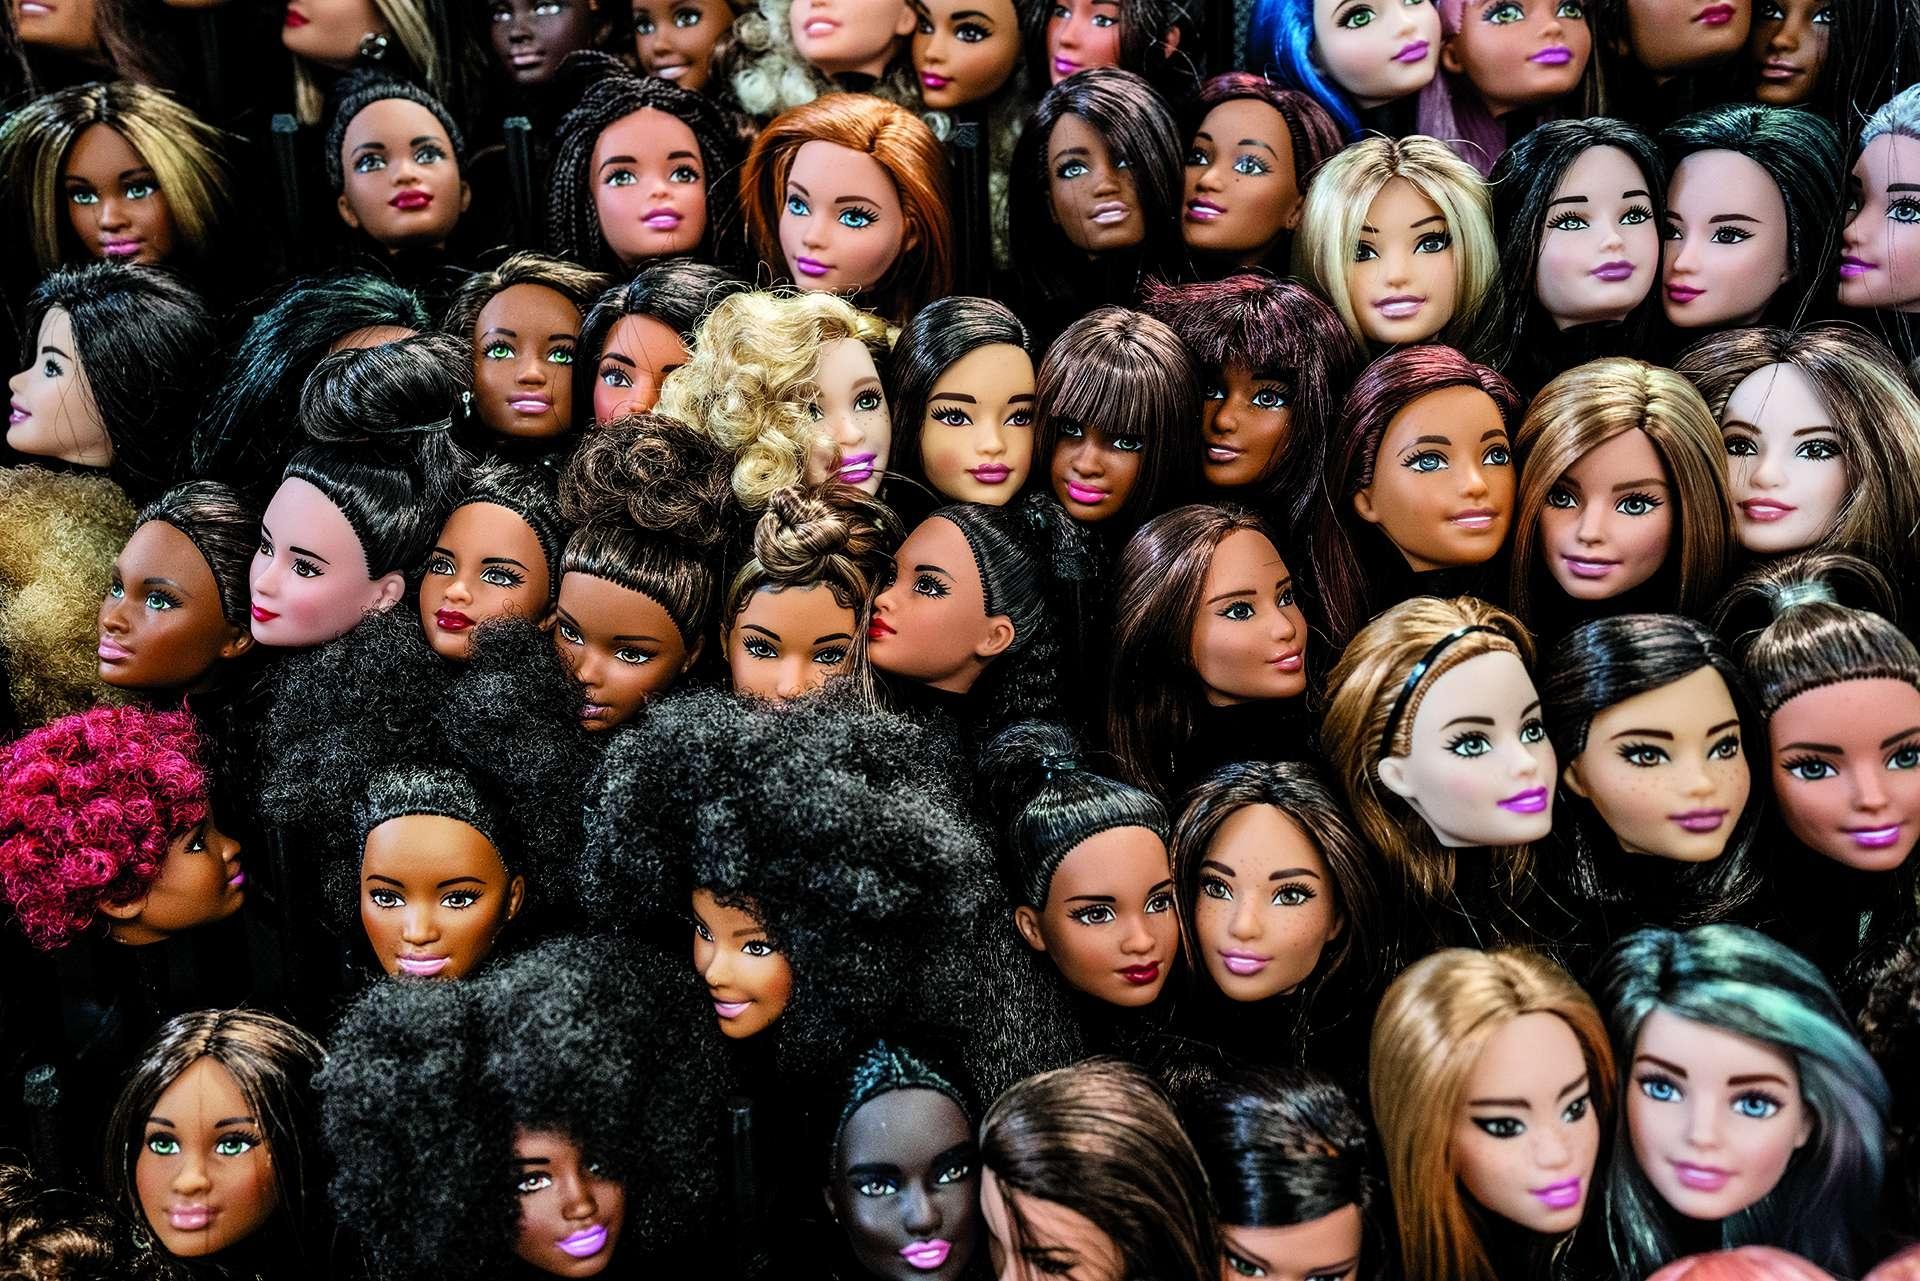 在玩具製造商的設計中心,攝影師莫拉雷斯拍下這張芭比娃娃簇擁在一起的照片,由此可看出玩偶造型已經變得多元而且兼容並蓄,莫拉雷斯說:「我們每天都接收與美有關的訊息,」但是網路時代「正在試圖重塑我們對美的定義。」。攝影: 漢娜. 雷耶斯. 莫拉雷斯 HANNAH REYES MORALES